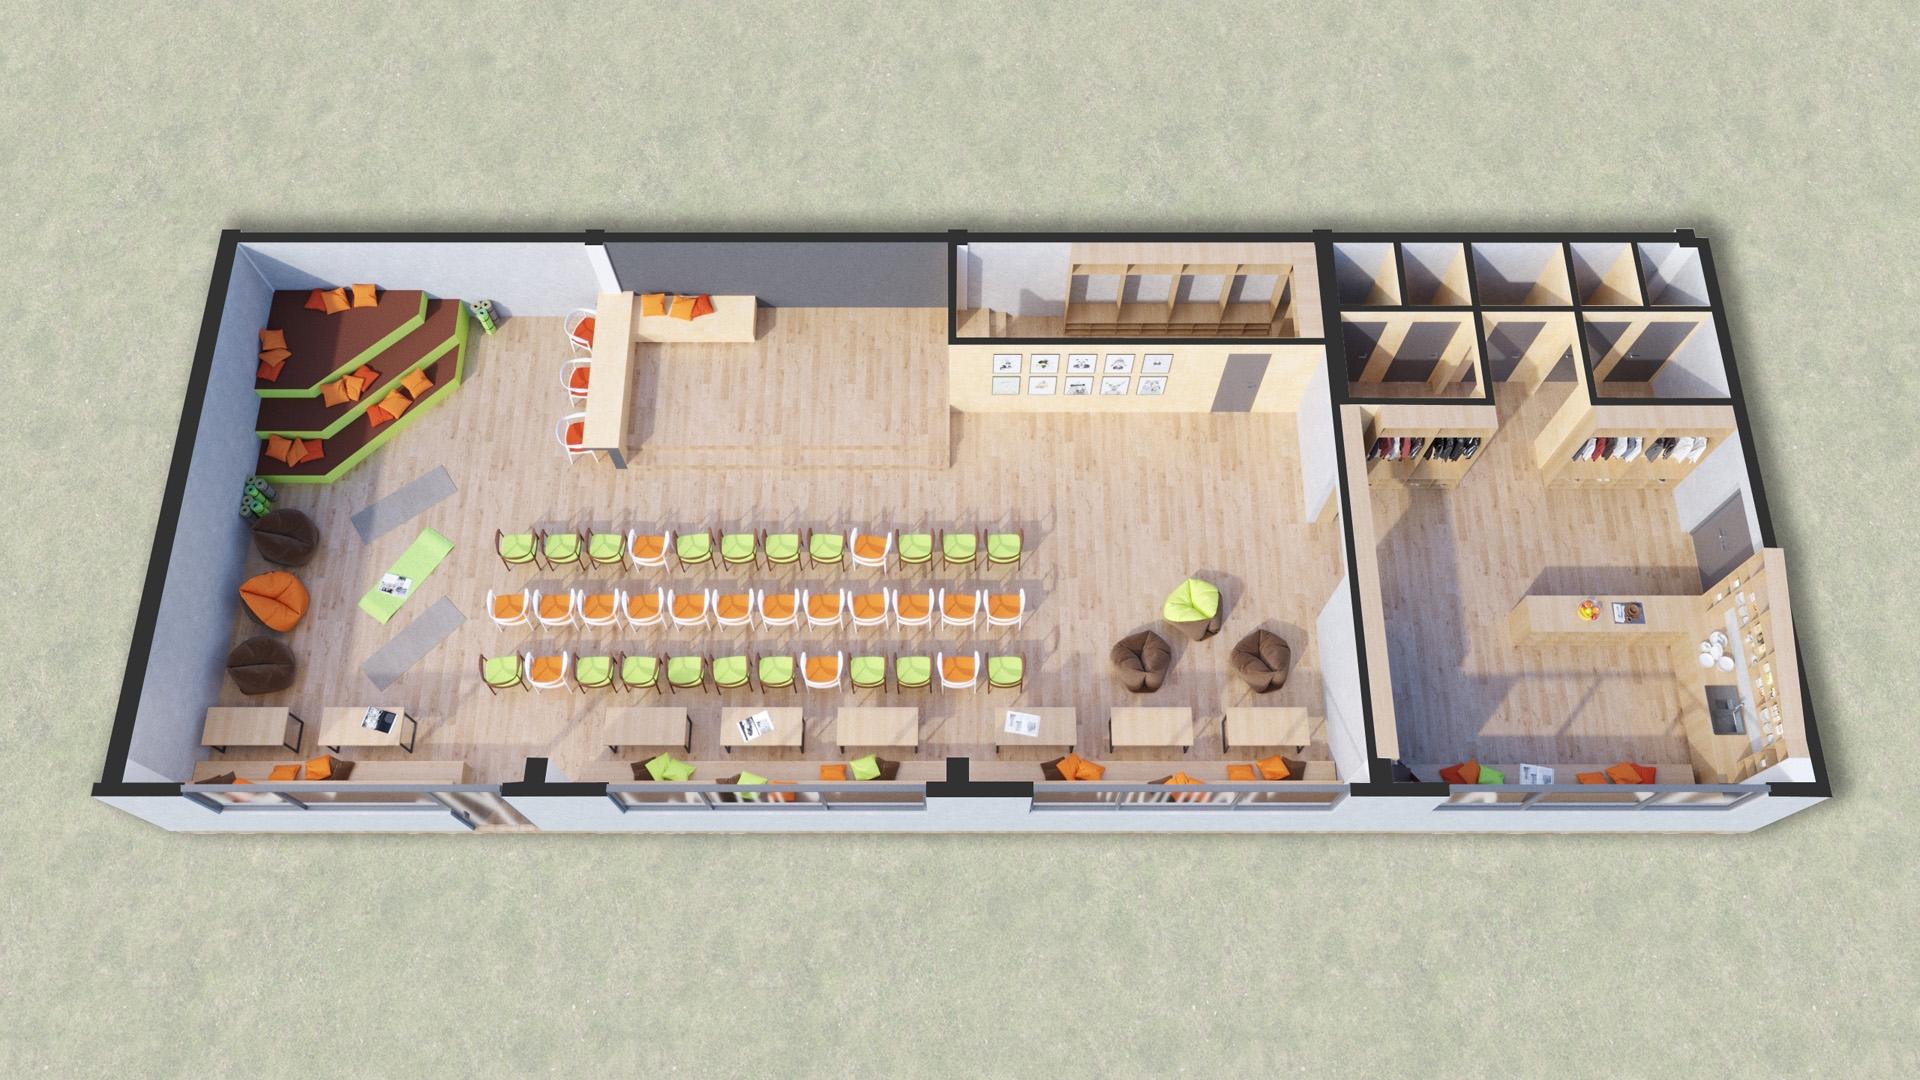 Изображение для проекта Учебный зал центра гуманной педагогики в Грузии 2028